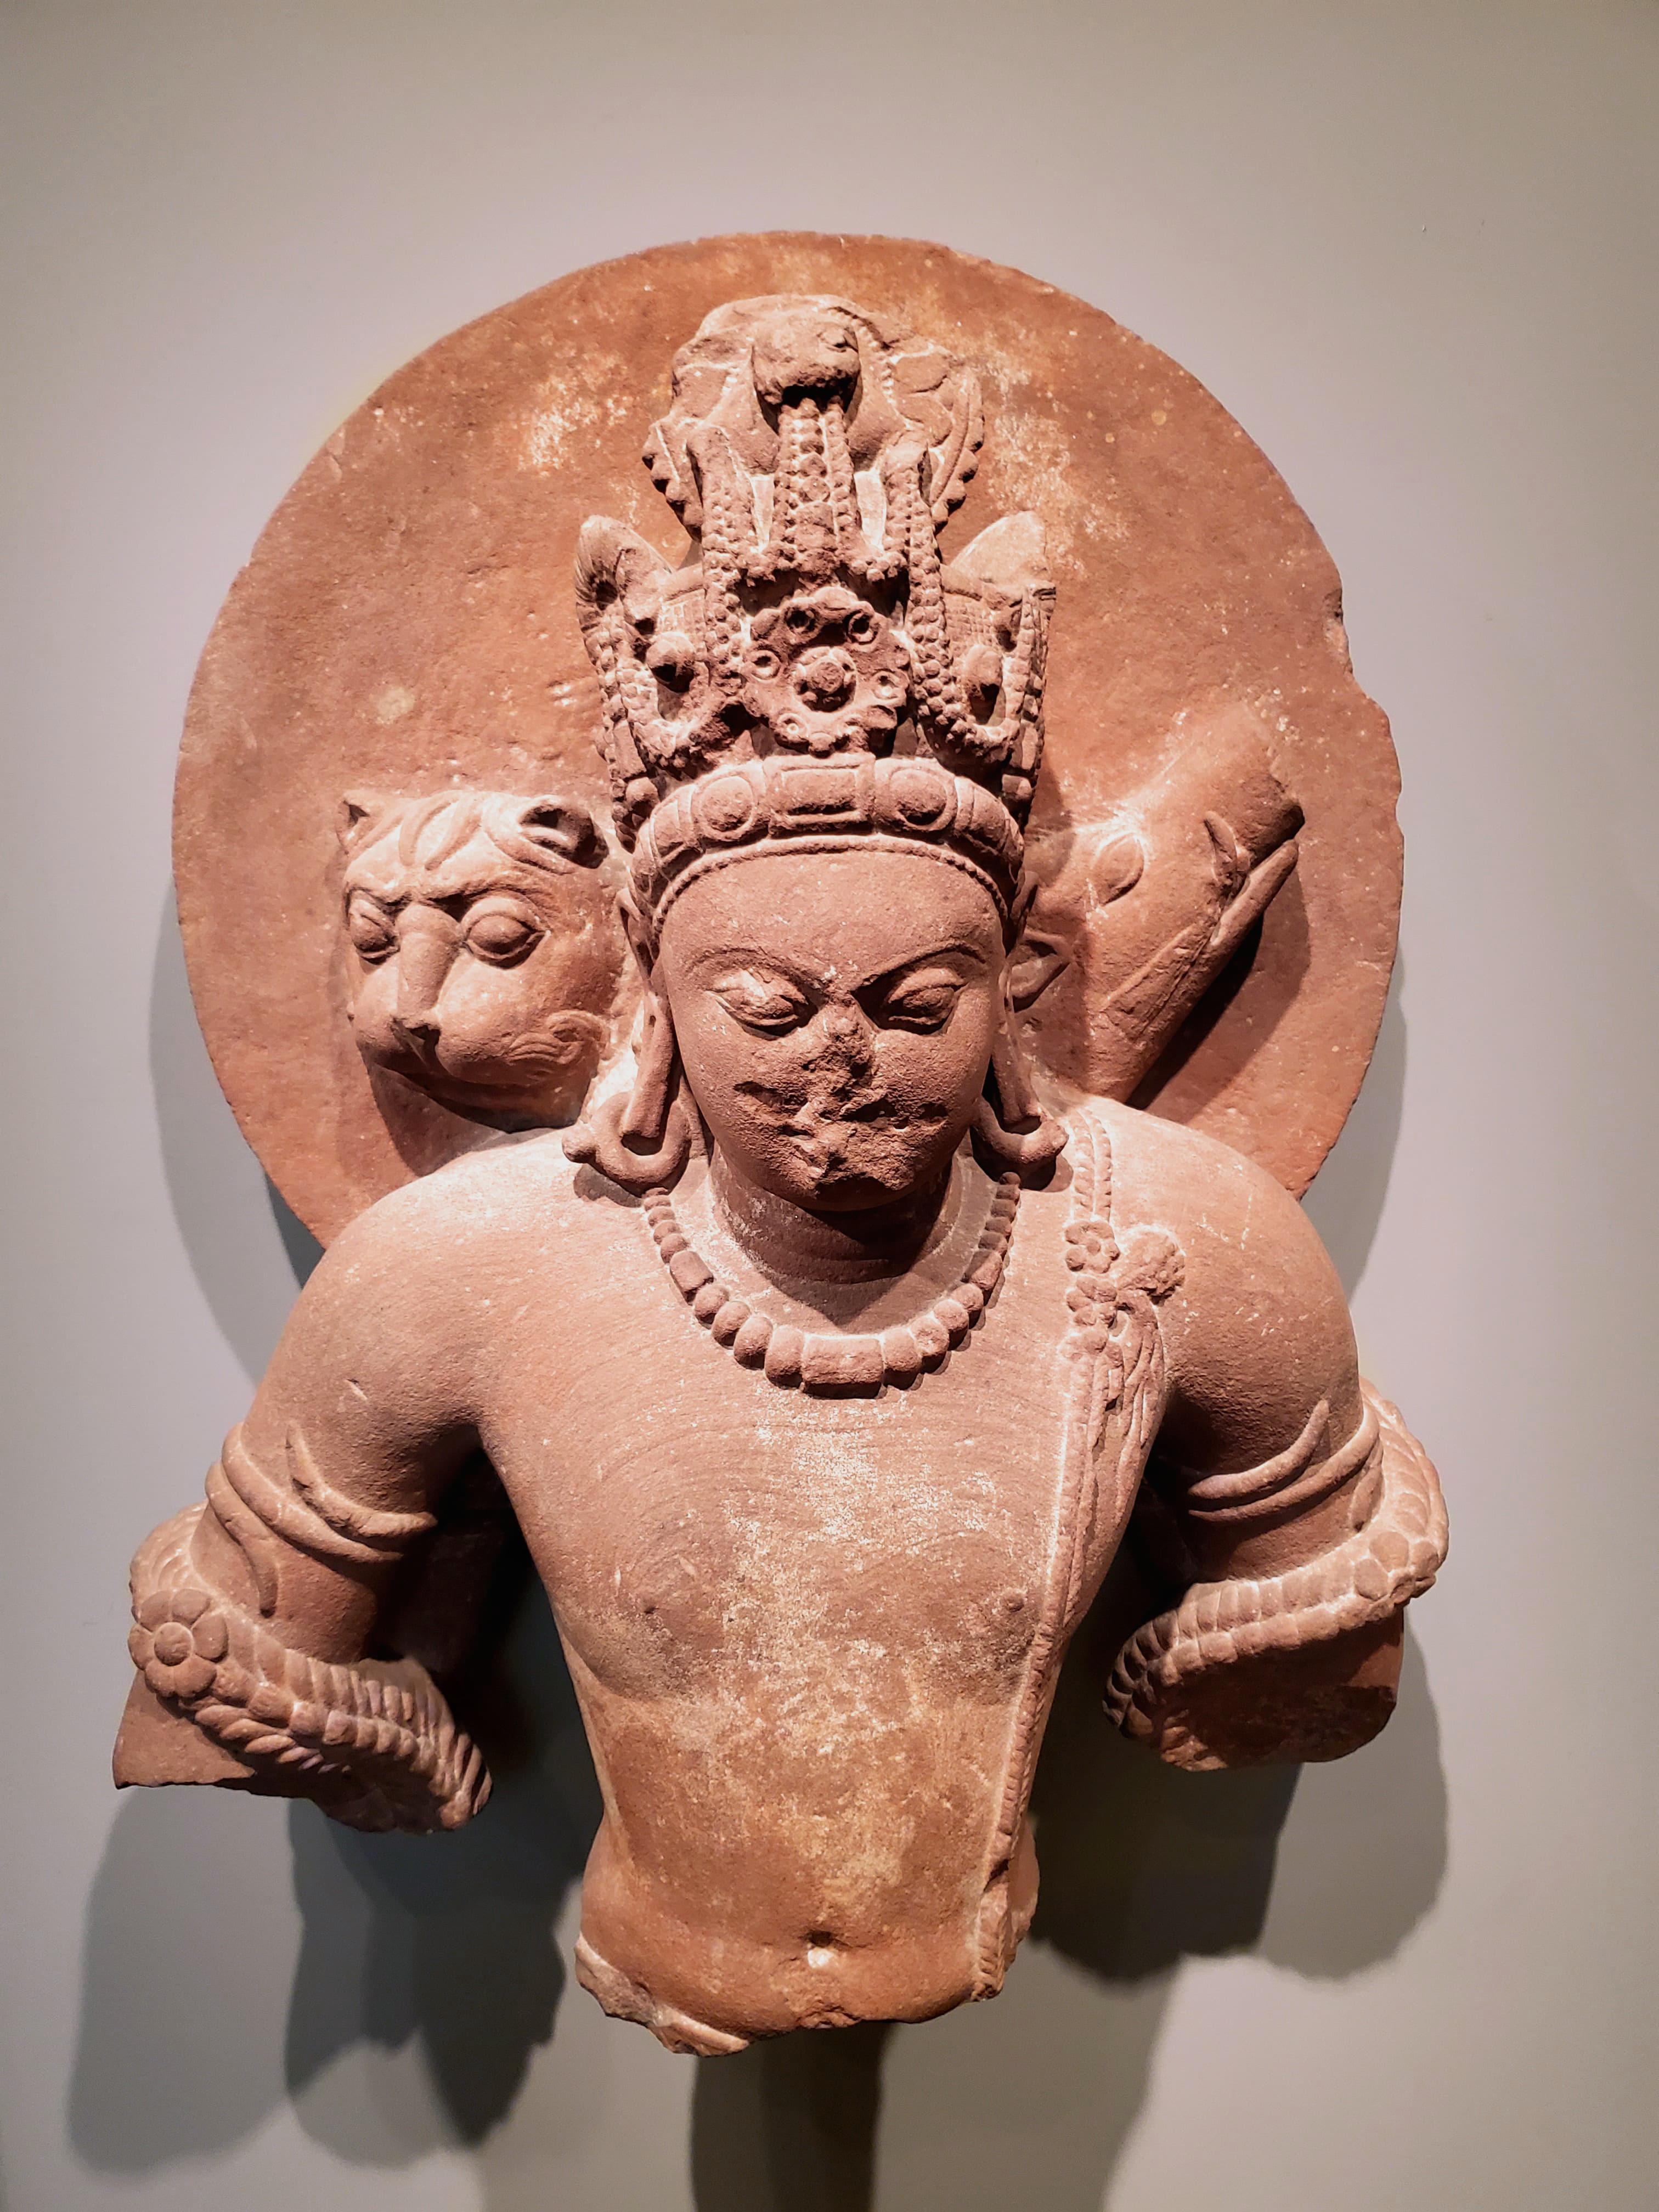 Image result for भारत ने ऑक्सफोर्ड संग्रहालय से संत तिरुमंकई अलवर की मूर्ति वापस करने के लिए कहा